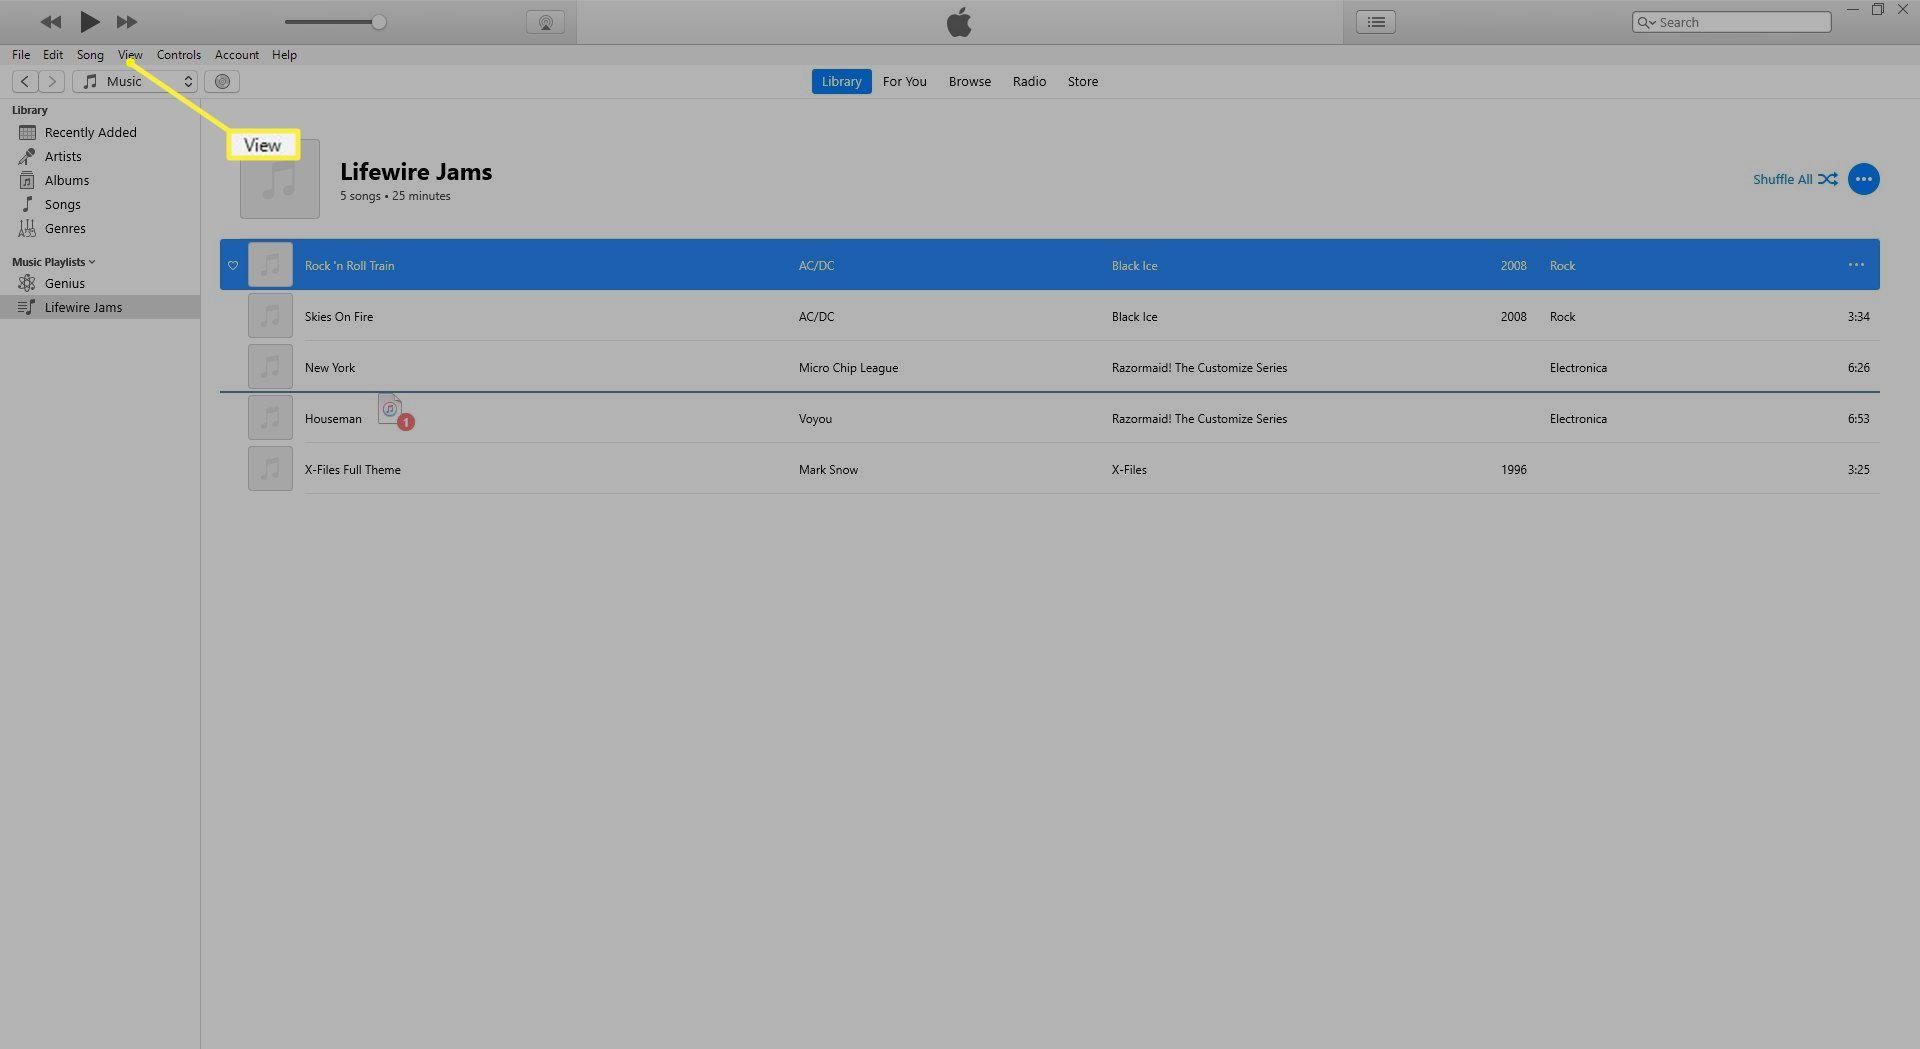 View in iTunes menu